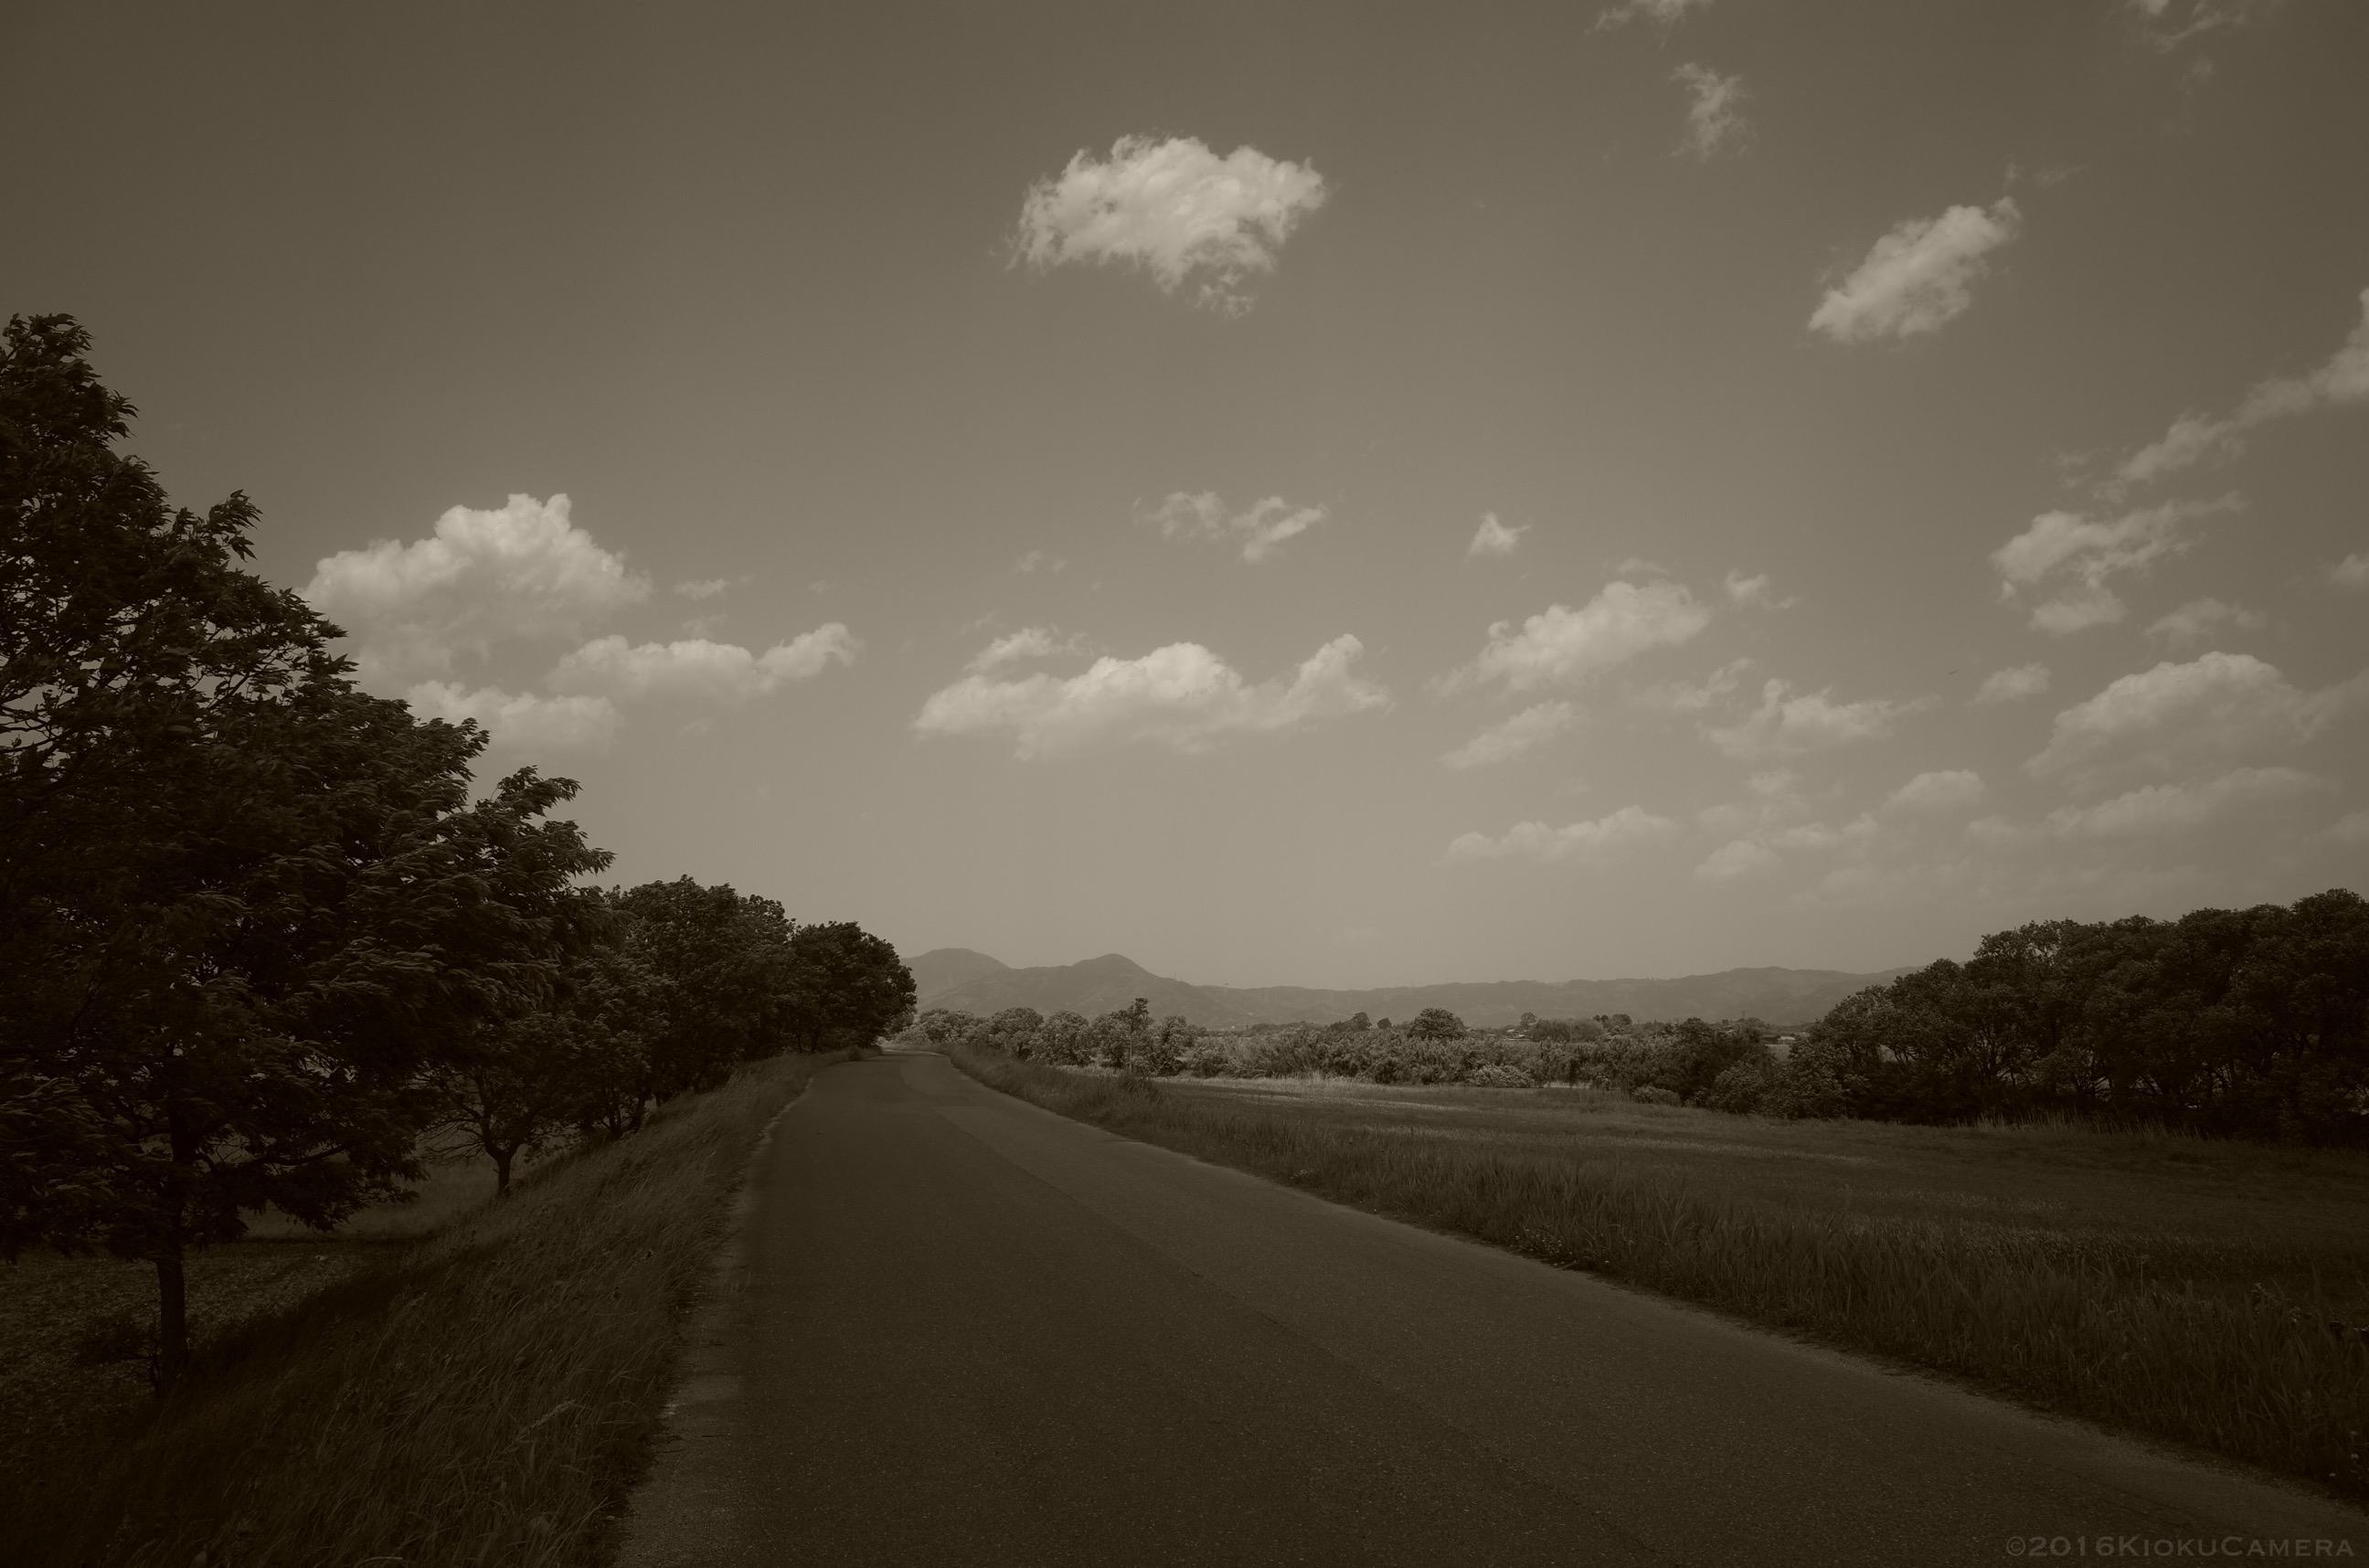 Roubaixと走り、GRと撮る。